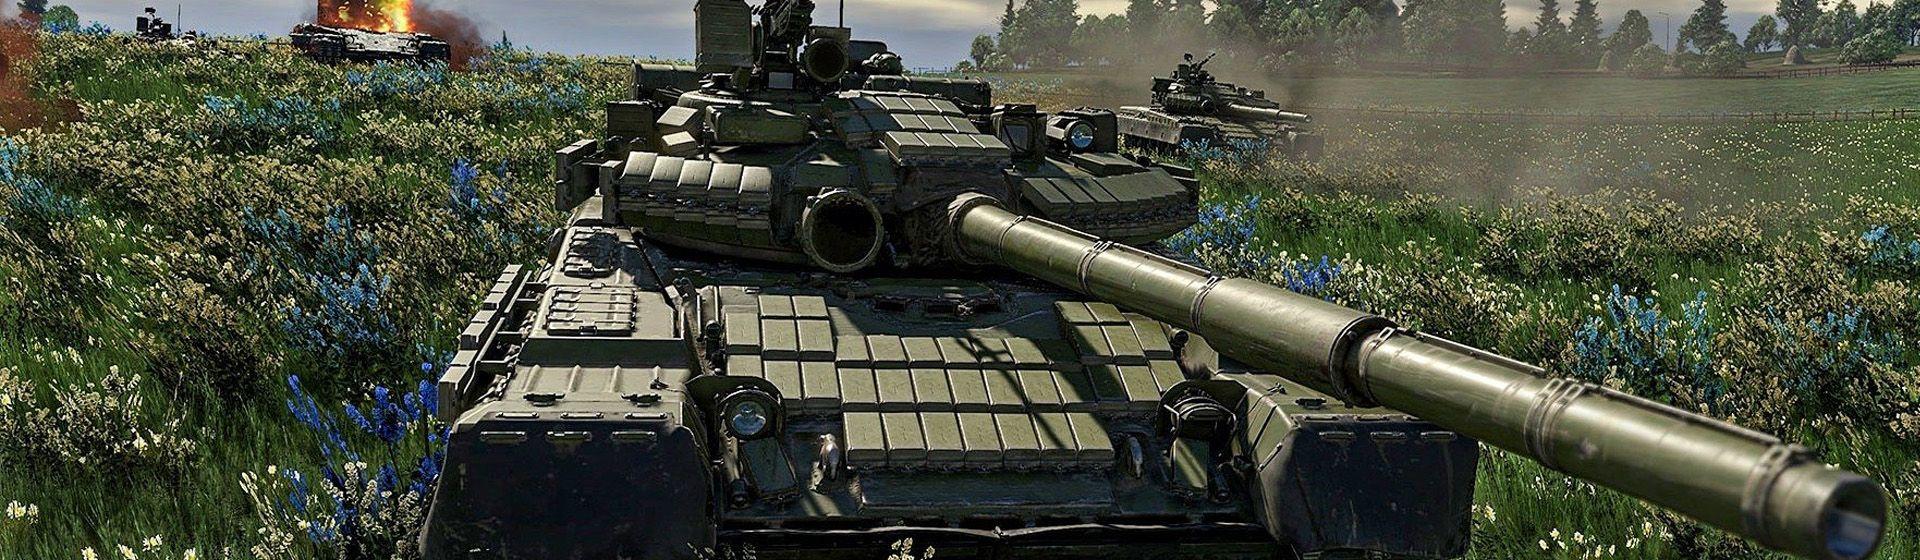 Melhores jogos de guerra em 2021